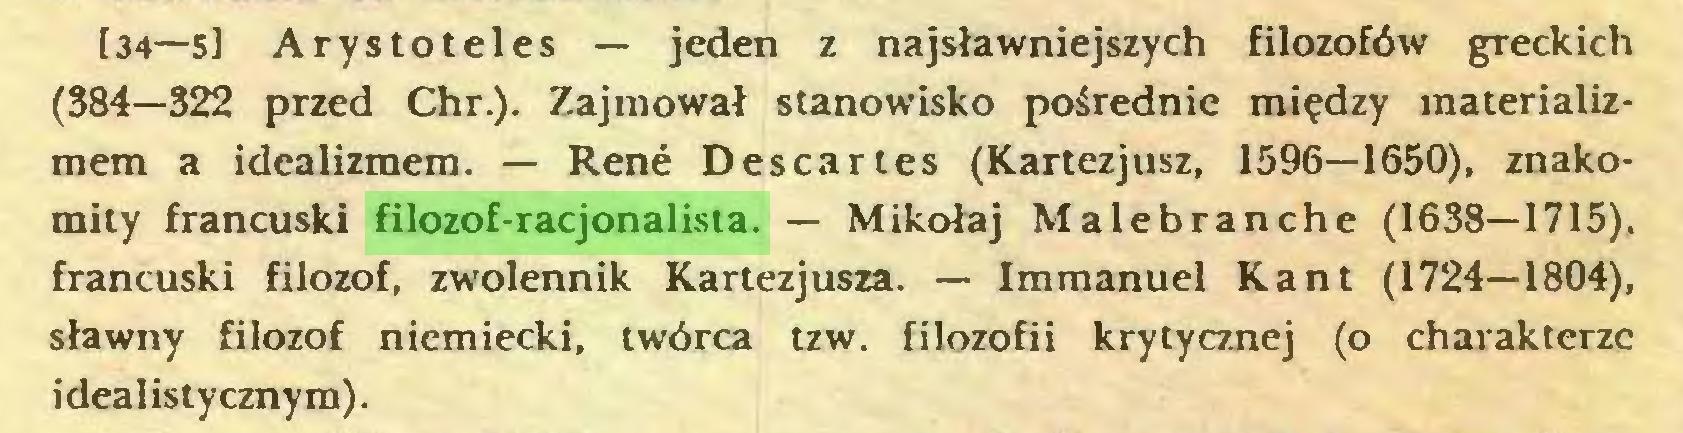 (...) [34—5l Arystoteles — jeden z najsławniejszych filozofów greckich (384—322 przed Chr.). Zajmował stanowisko pośrednie między materializmem a idealizmem. — Rene Descartes (Kartezjusz, 1596—1650), znakomity francuski filozof-racjonalista. — Mikołaj Malebranche (1638—1715), francuski filozof, zwolennik Kartezjusza. — Immanuel Kant (1724—1804), sławny filozof niemiecki, twórca tzw. filozofii krytycznej (o charakterze idealistycznym)...